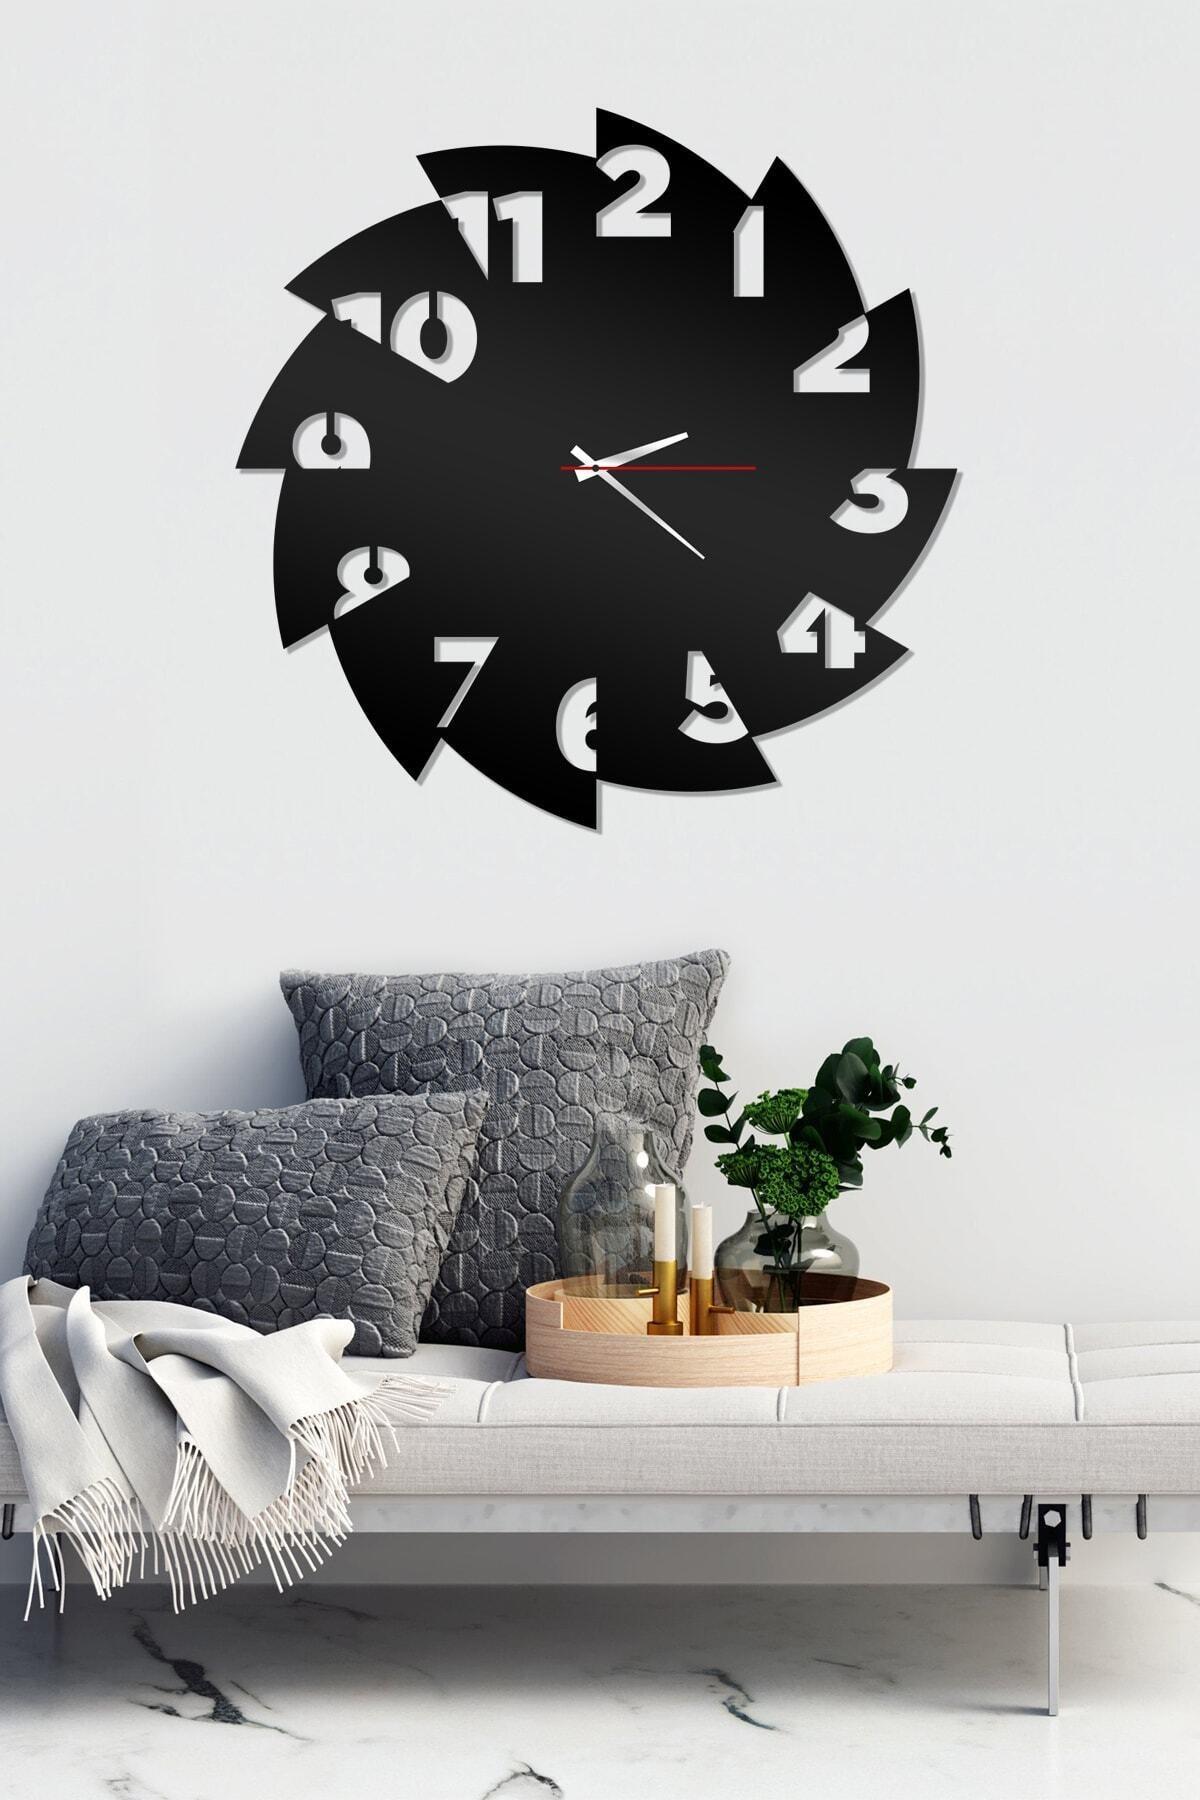 AHWALL Siyah Dekoratif Ahşap Duvar Saati